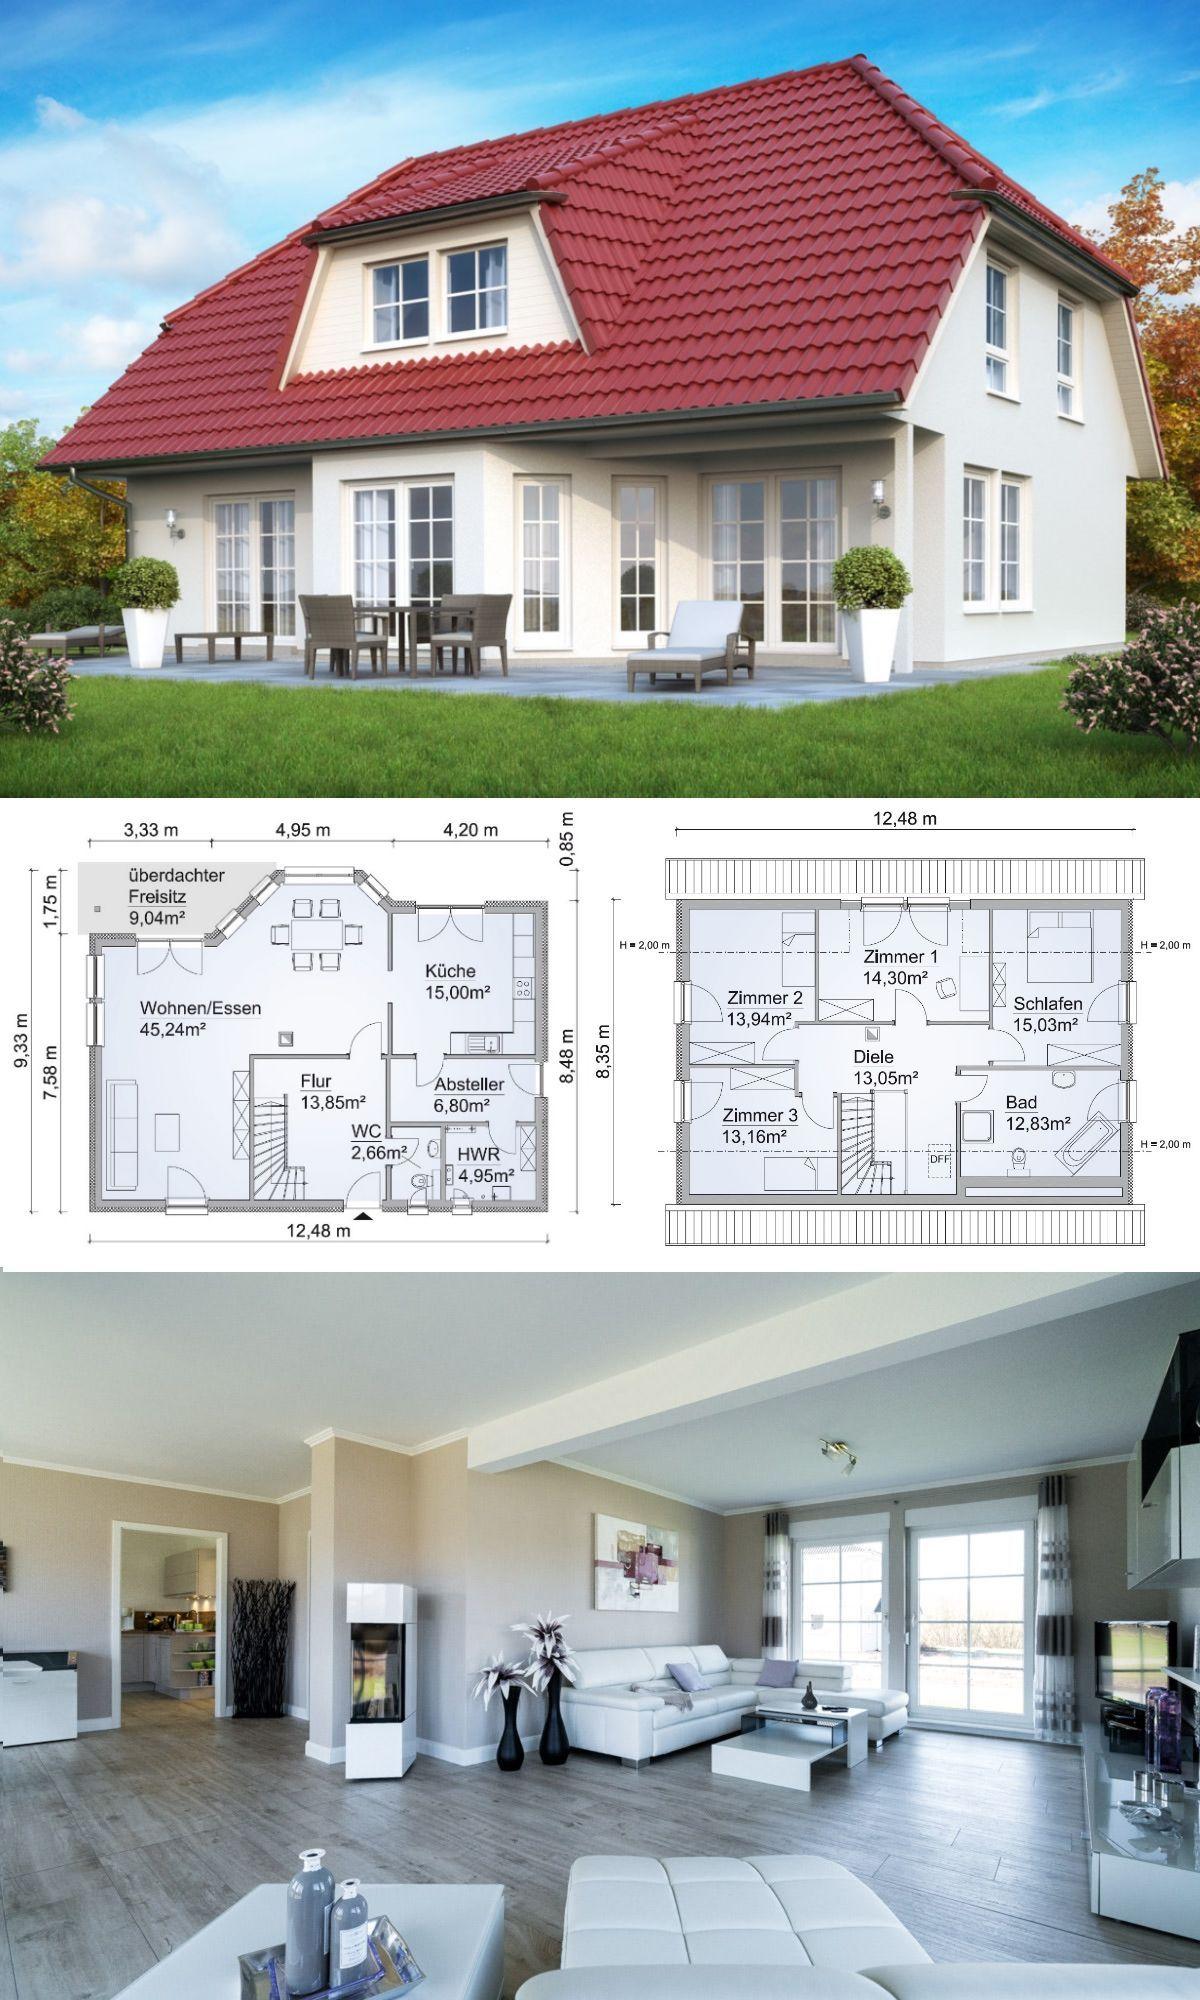 Modernes Landhaus mit Walmdach Architektur, Sprossenfenster, Galerie ...